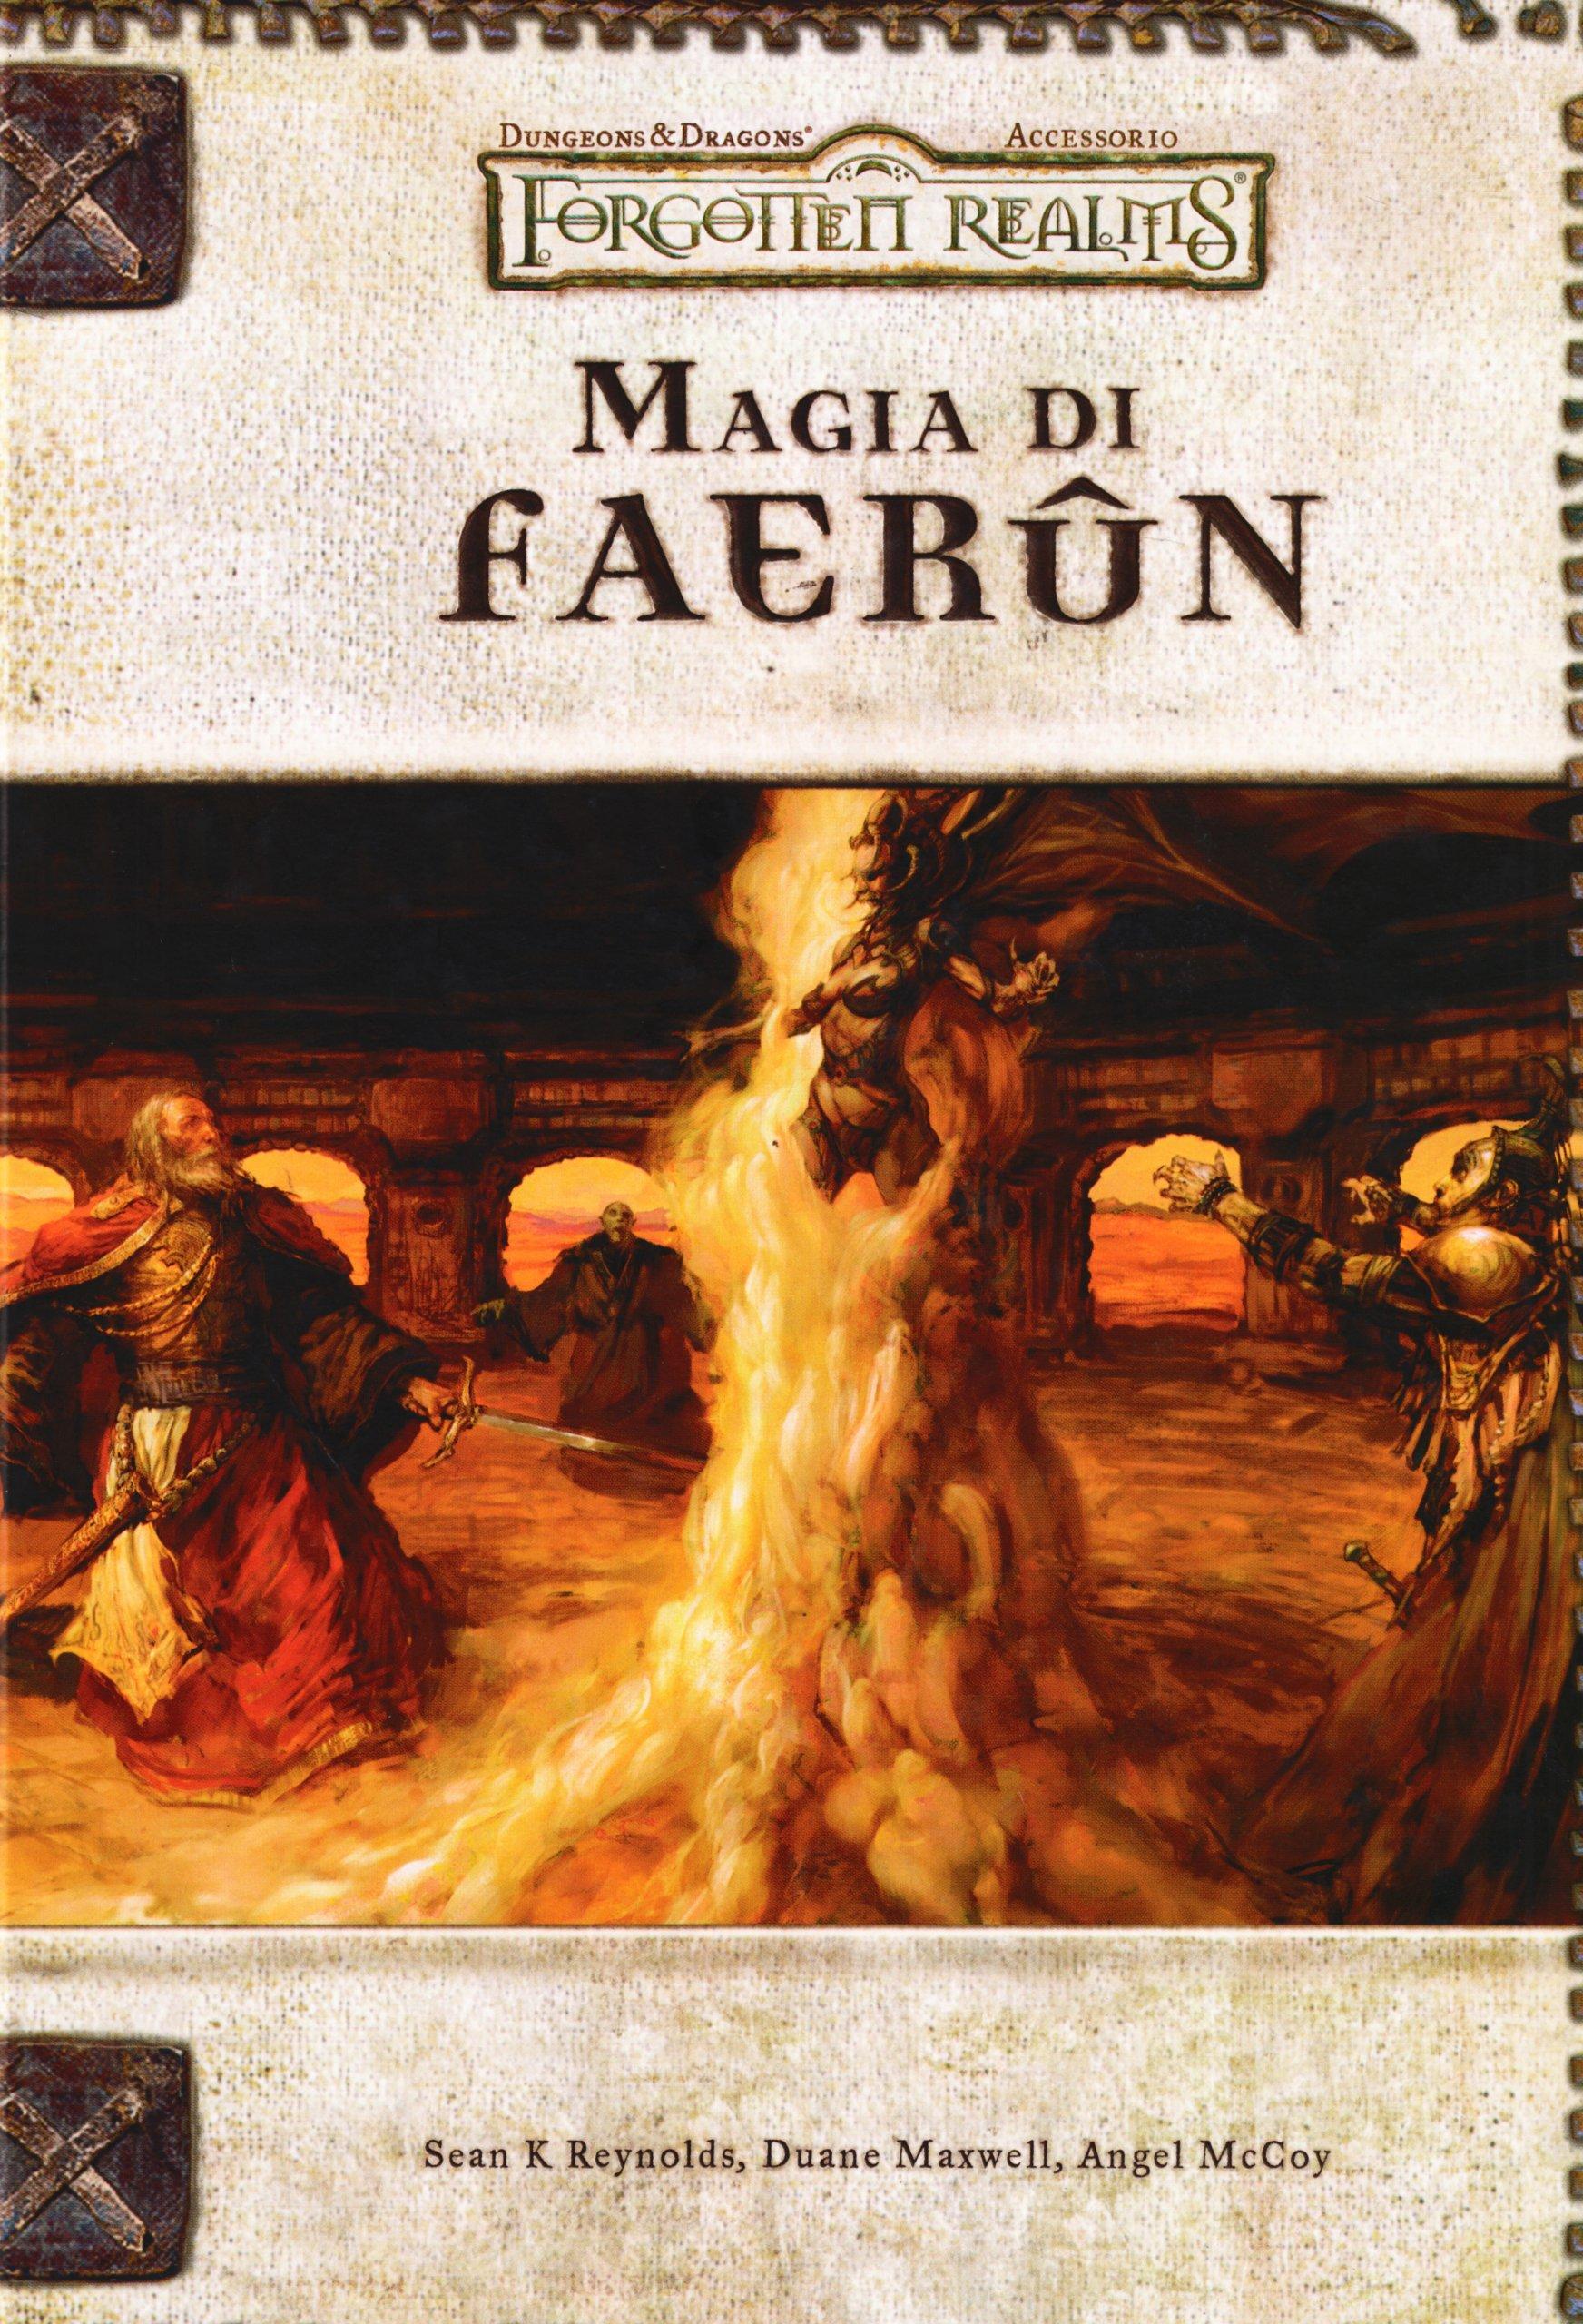 Magia di Faerun - 3.5